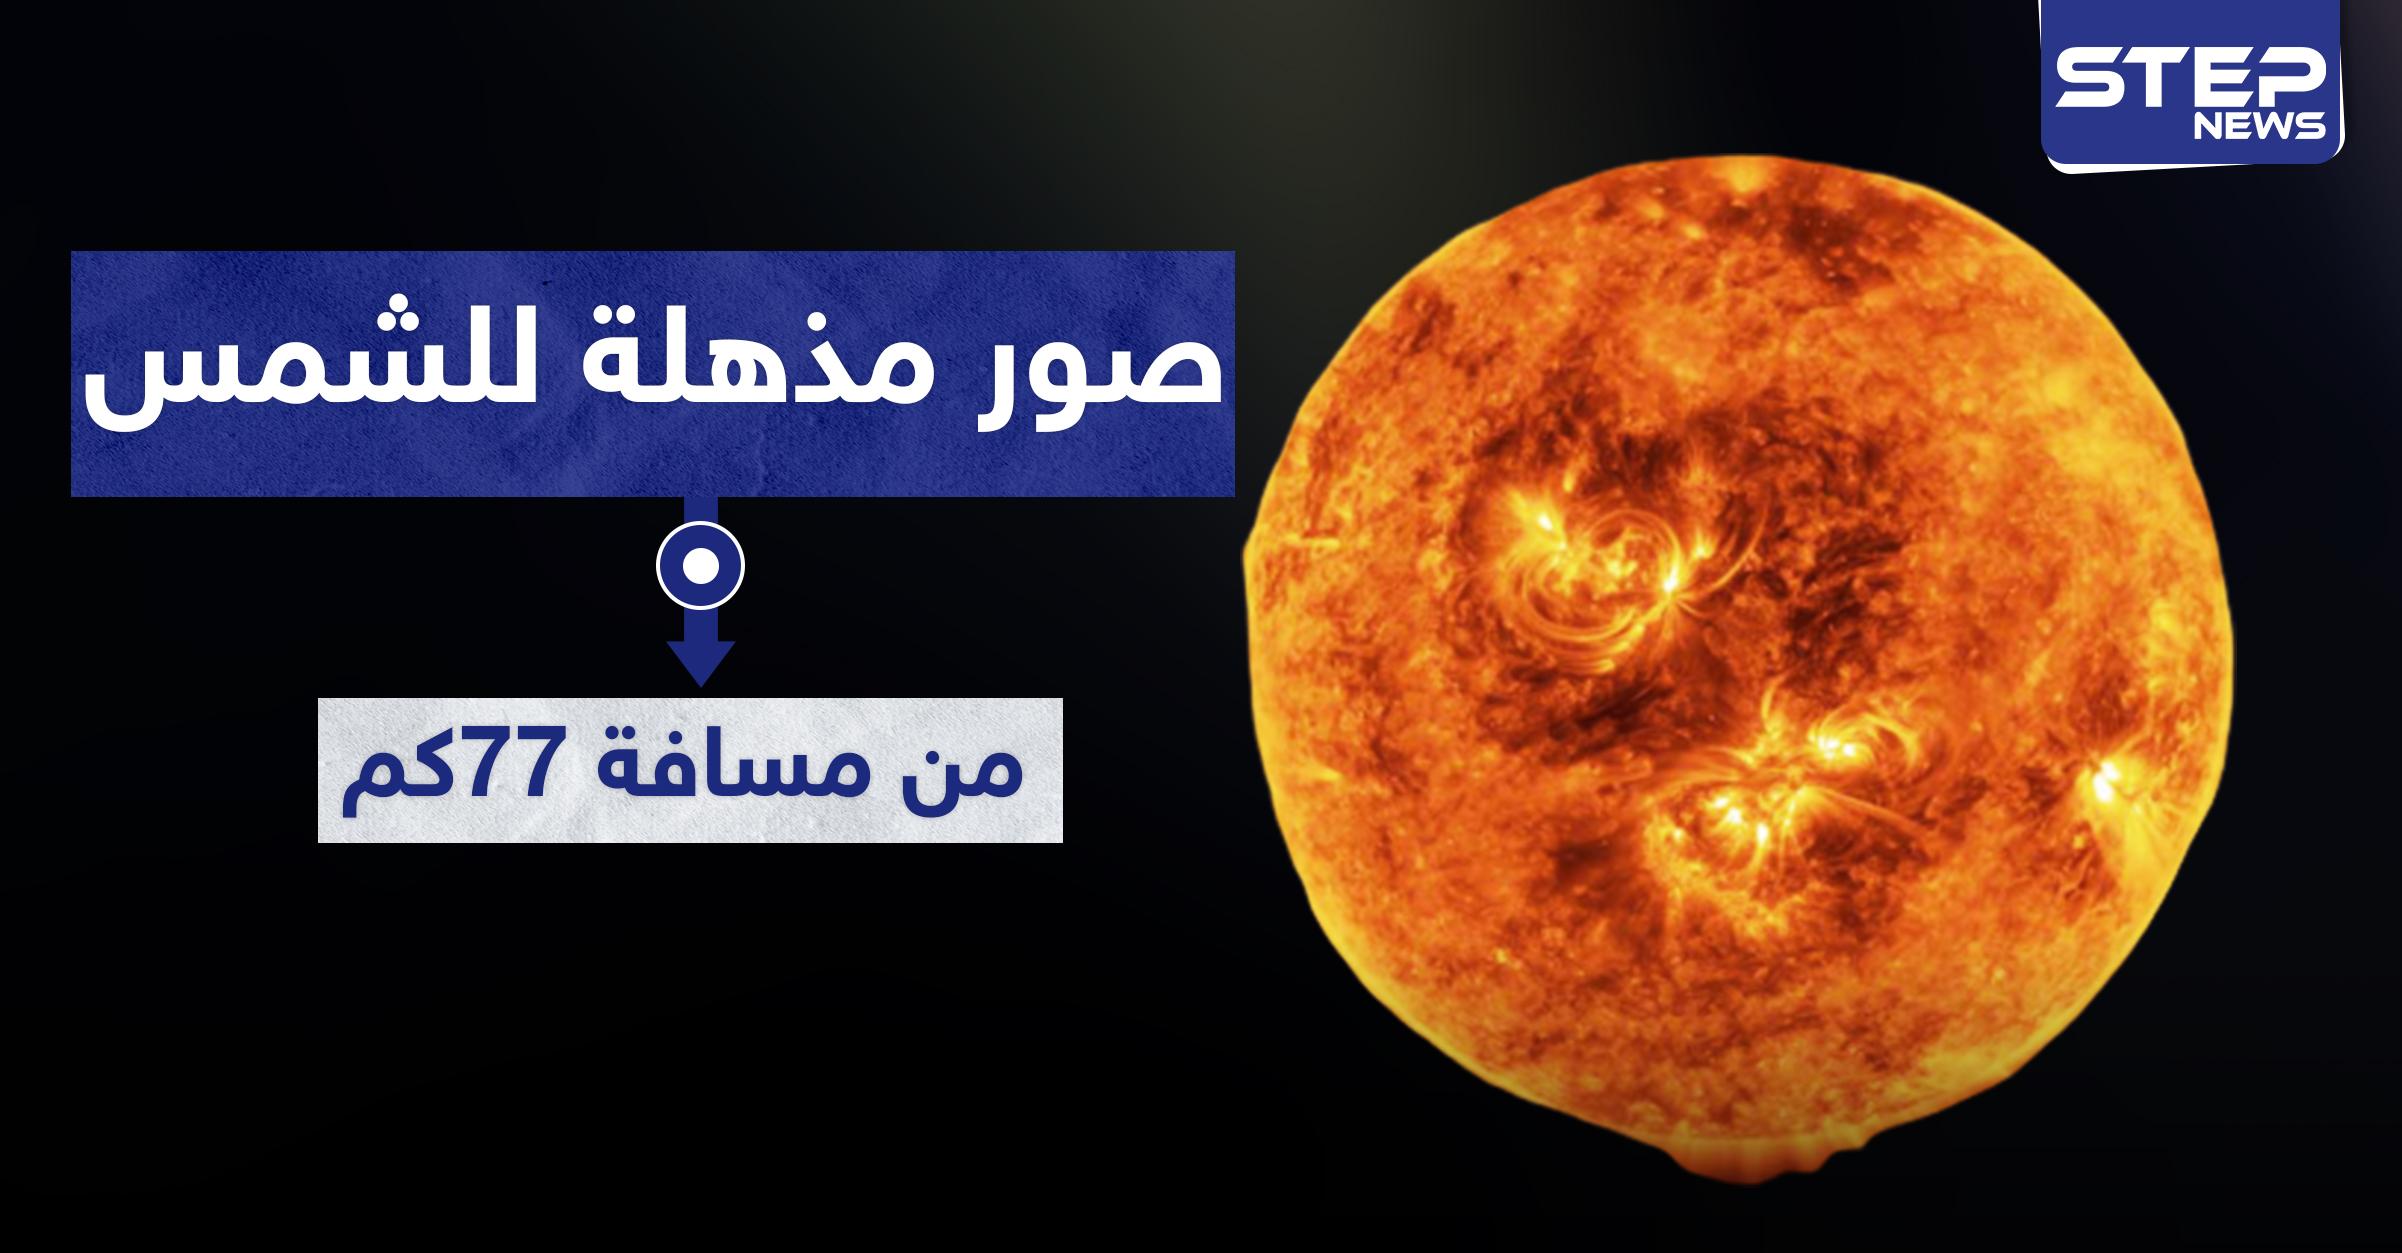 شاهد|| أذهلت العلماء.. أقرب صورة متحركة ملتقطة لـ الشمس من مسافة 77 كيلو متر